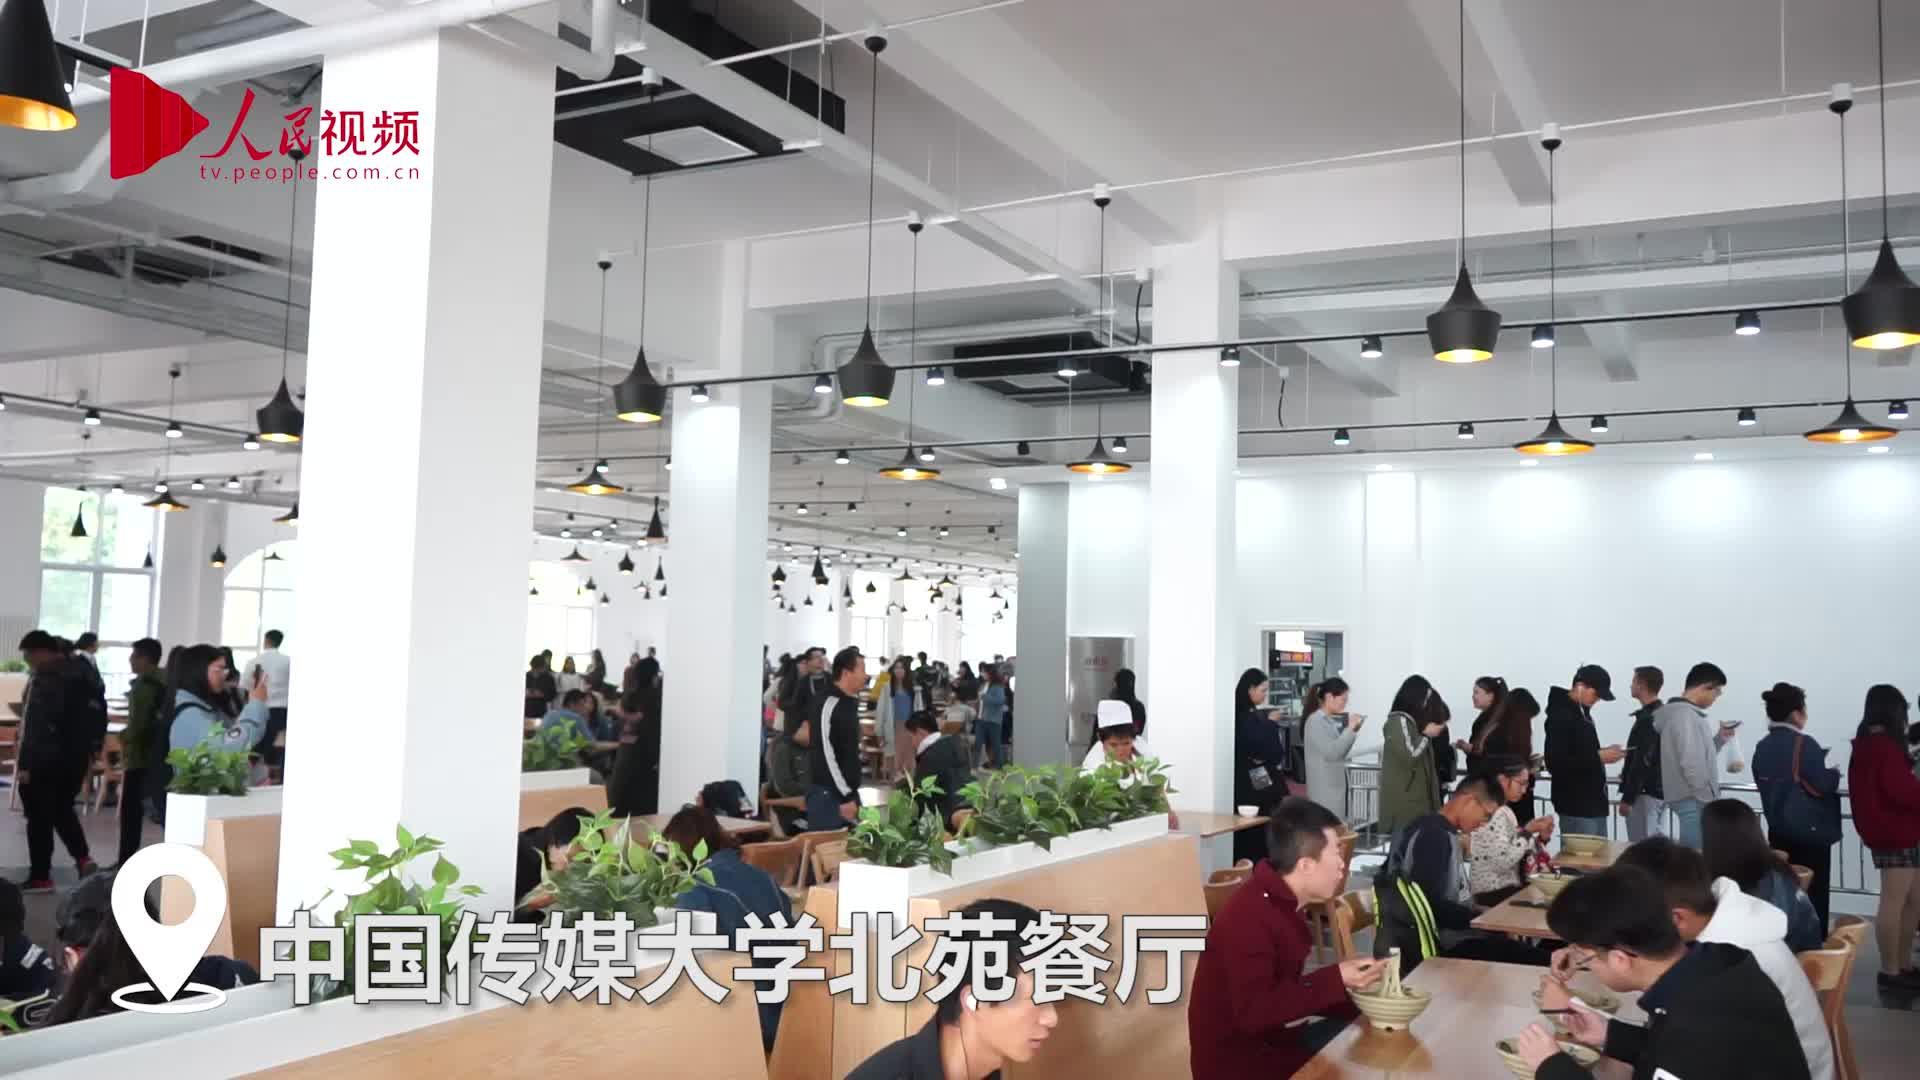 """[视频]馋!中传食堂""""崔永元真面""""排起长队 同学们连称""""味道还行"""""""